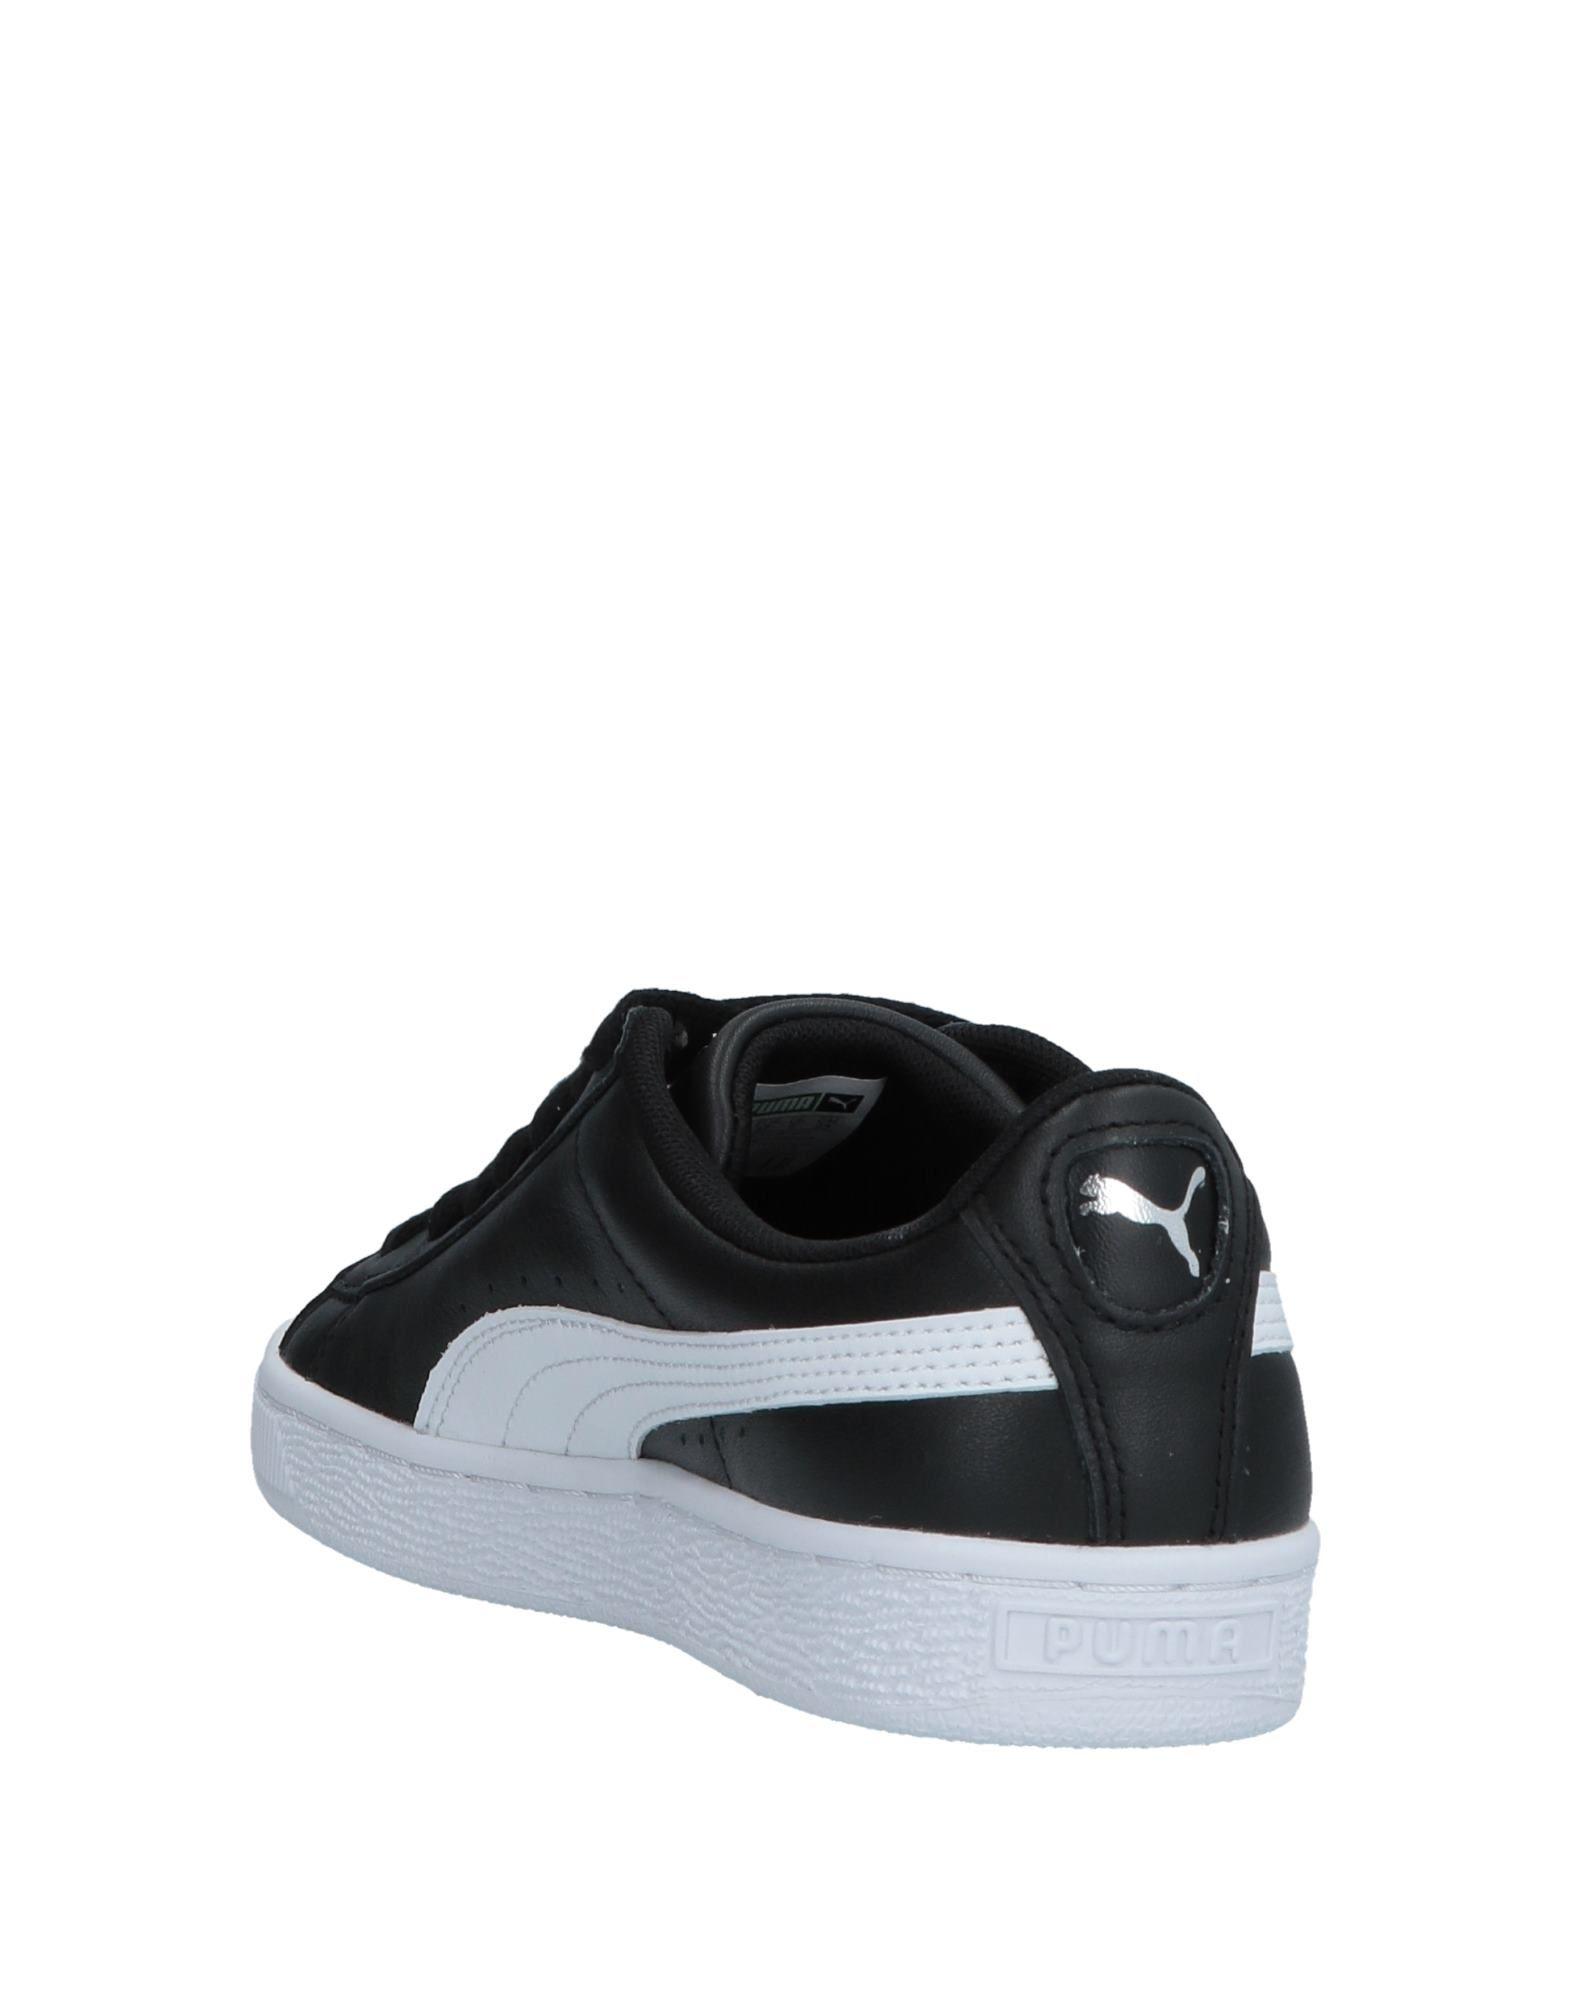 Puma Sneakers Damen Gutes Preis-Leistungs-Verhältnis, es lohnt lohnt es sich 4cc180